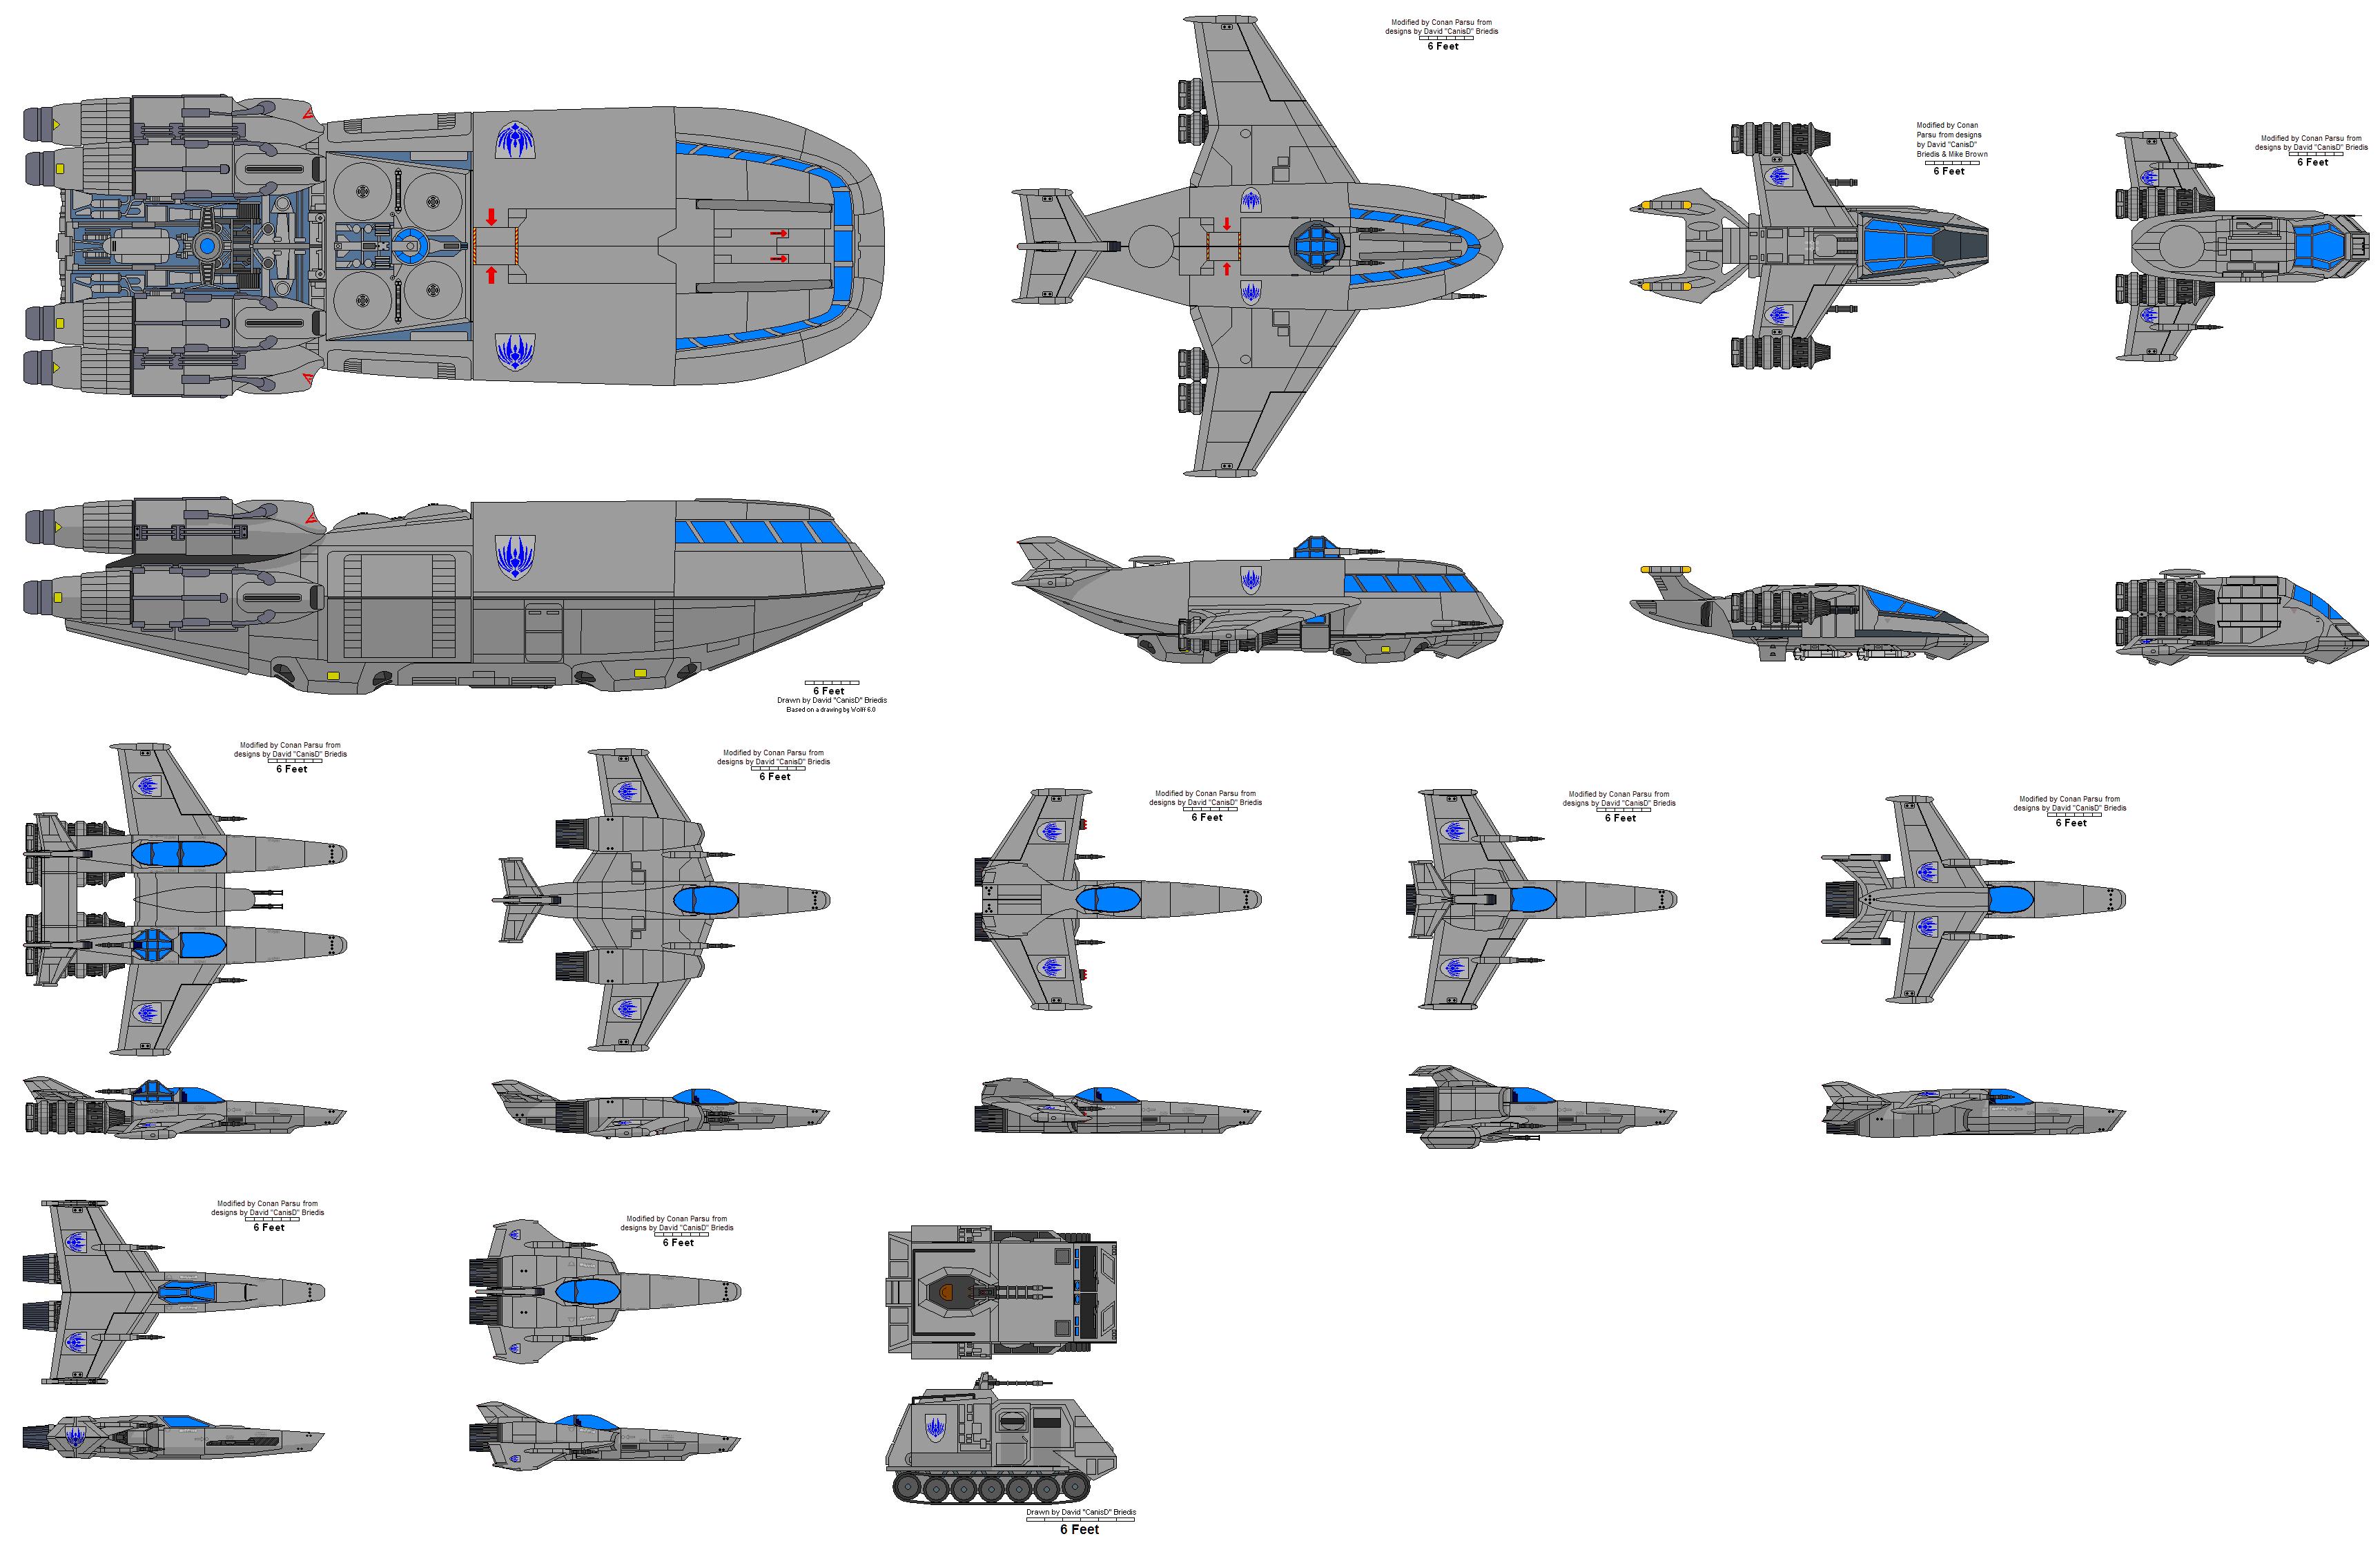 Raider Battlestar Galactica Spacecraft Dried Wood Model | eBay  |Battlestar Galactica Spacecraft